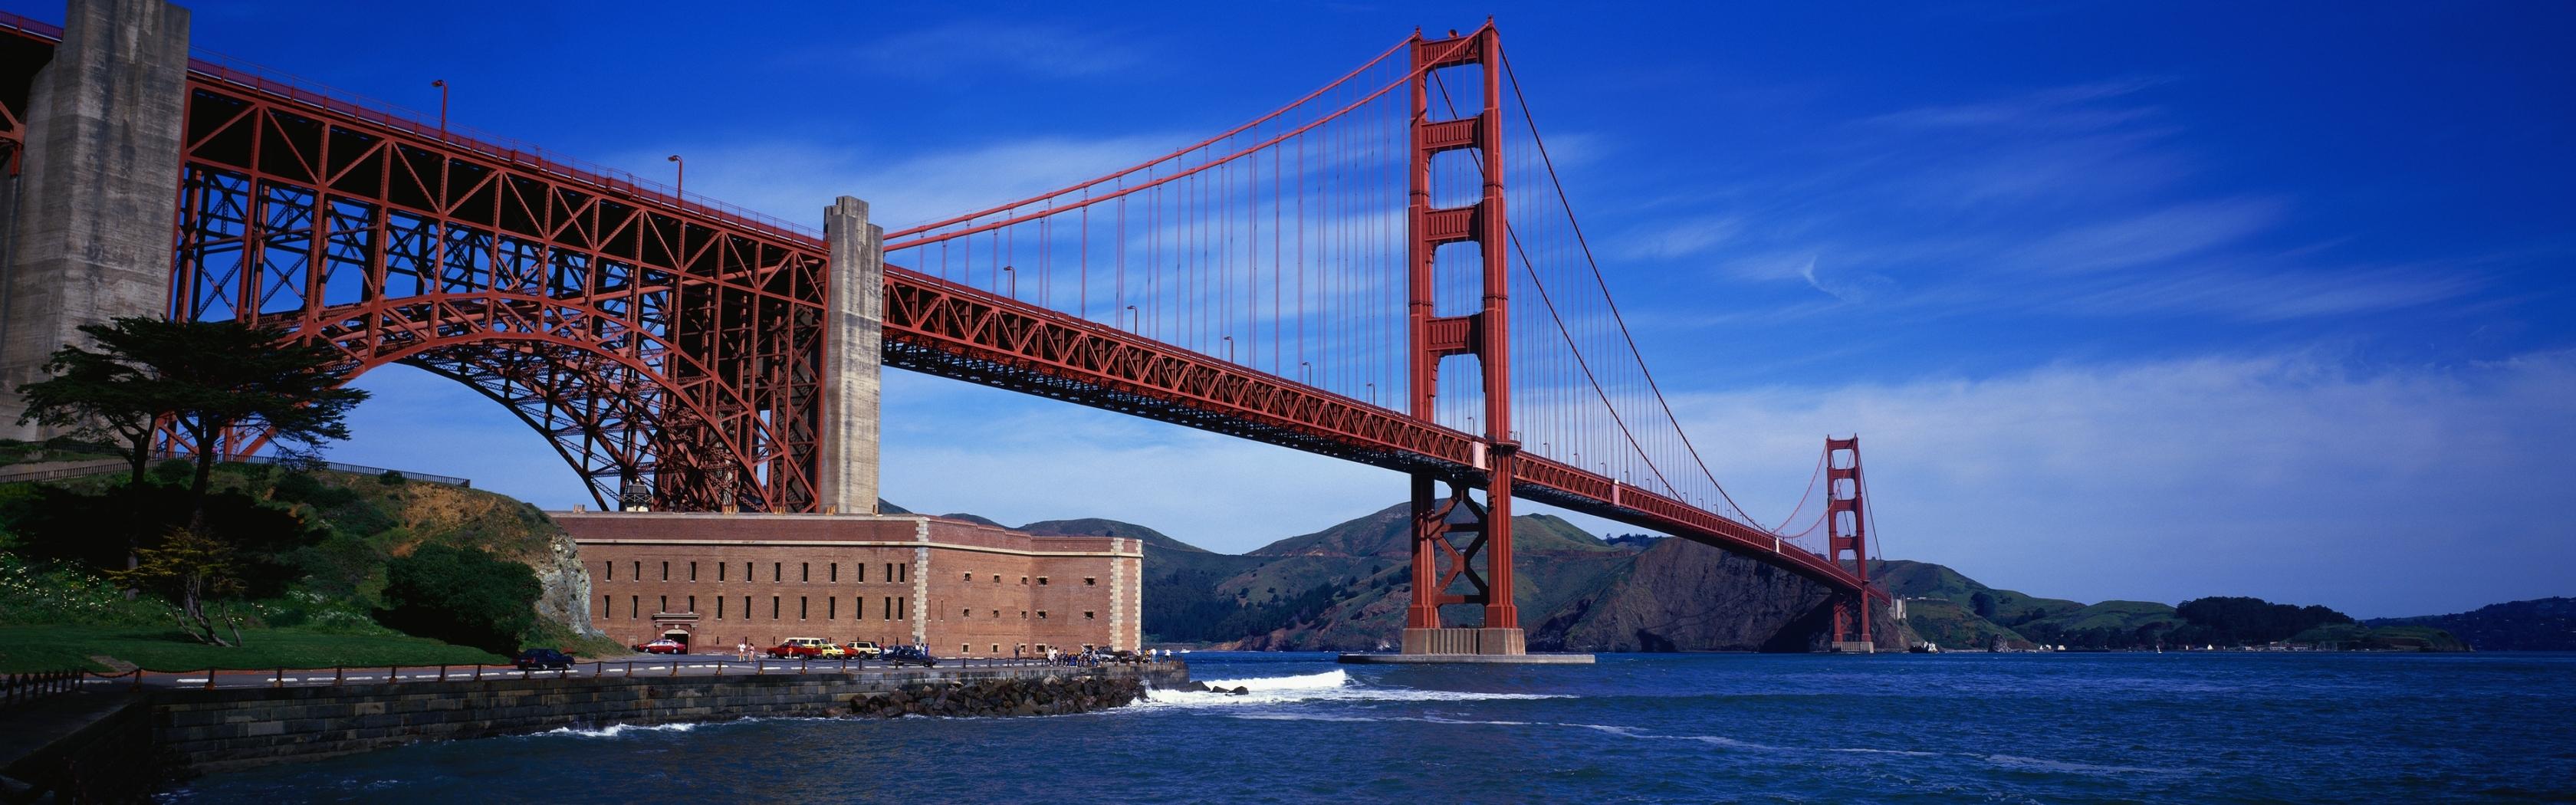 49992 économiseurs d'écran et fonds d'écran Bridges sur votre téléphone. Téléchargez Paysage, Bridges images gratuitement